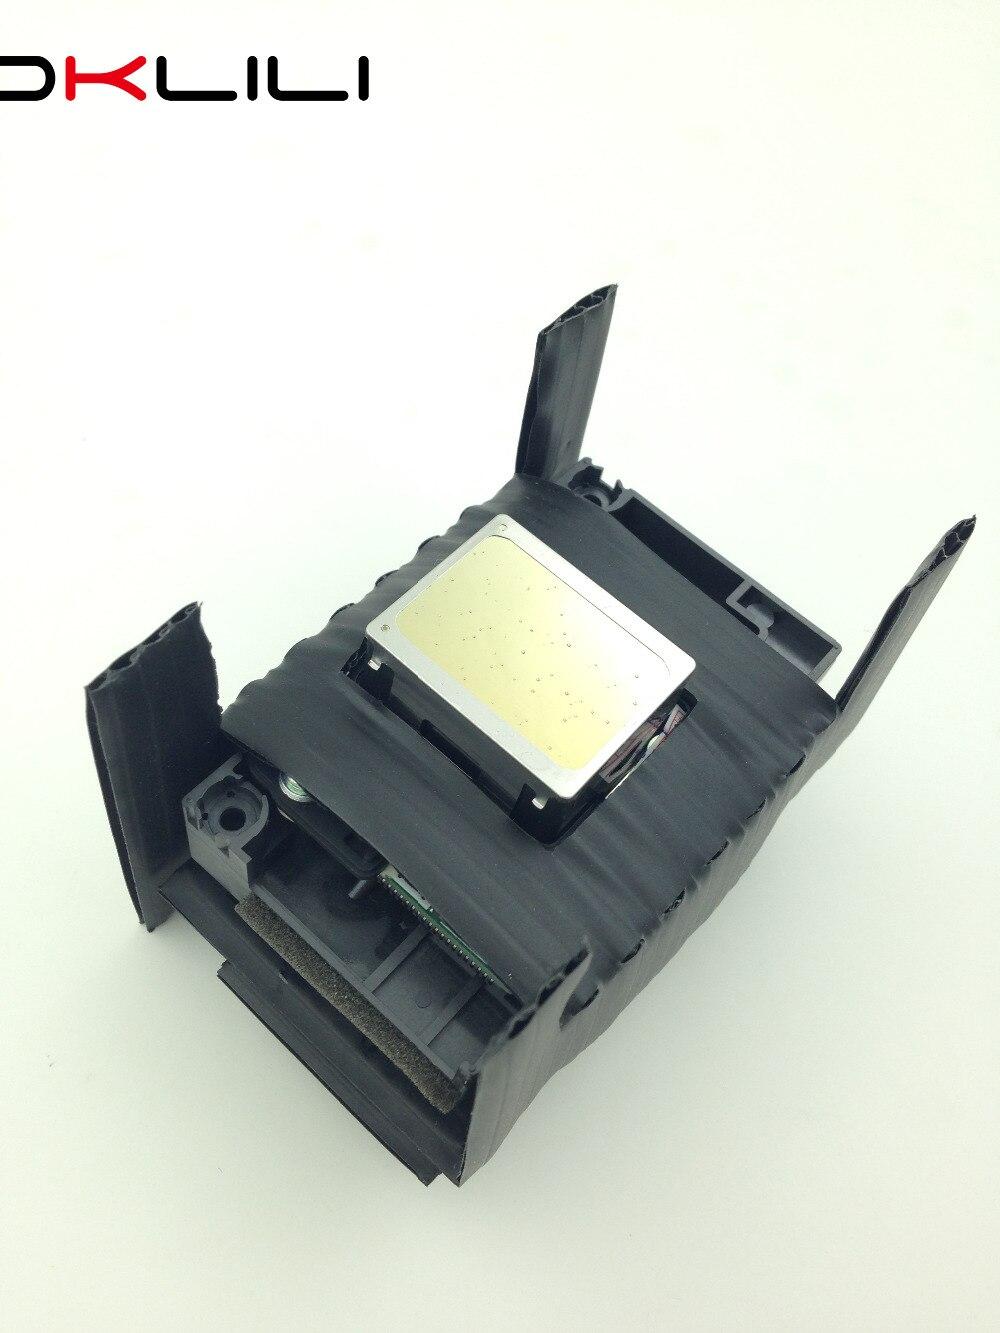 ORIGINAL NOUVEAU F173050 F173030 Tête D'impression Tête d'impression pour Epson 1390 1400 1410 1430 R265 R260 R270 R360 R380 R390 RX580 RX590 - 6